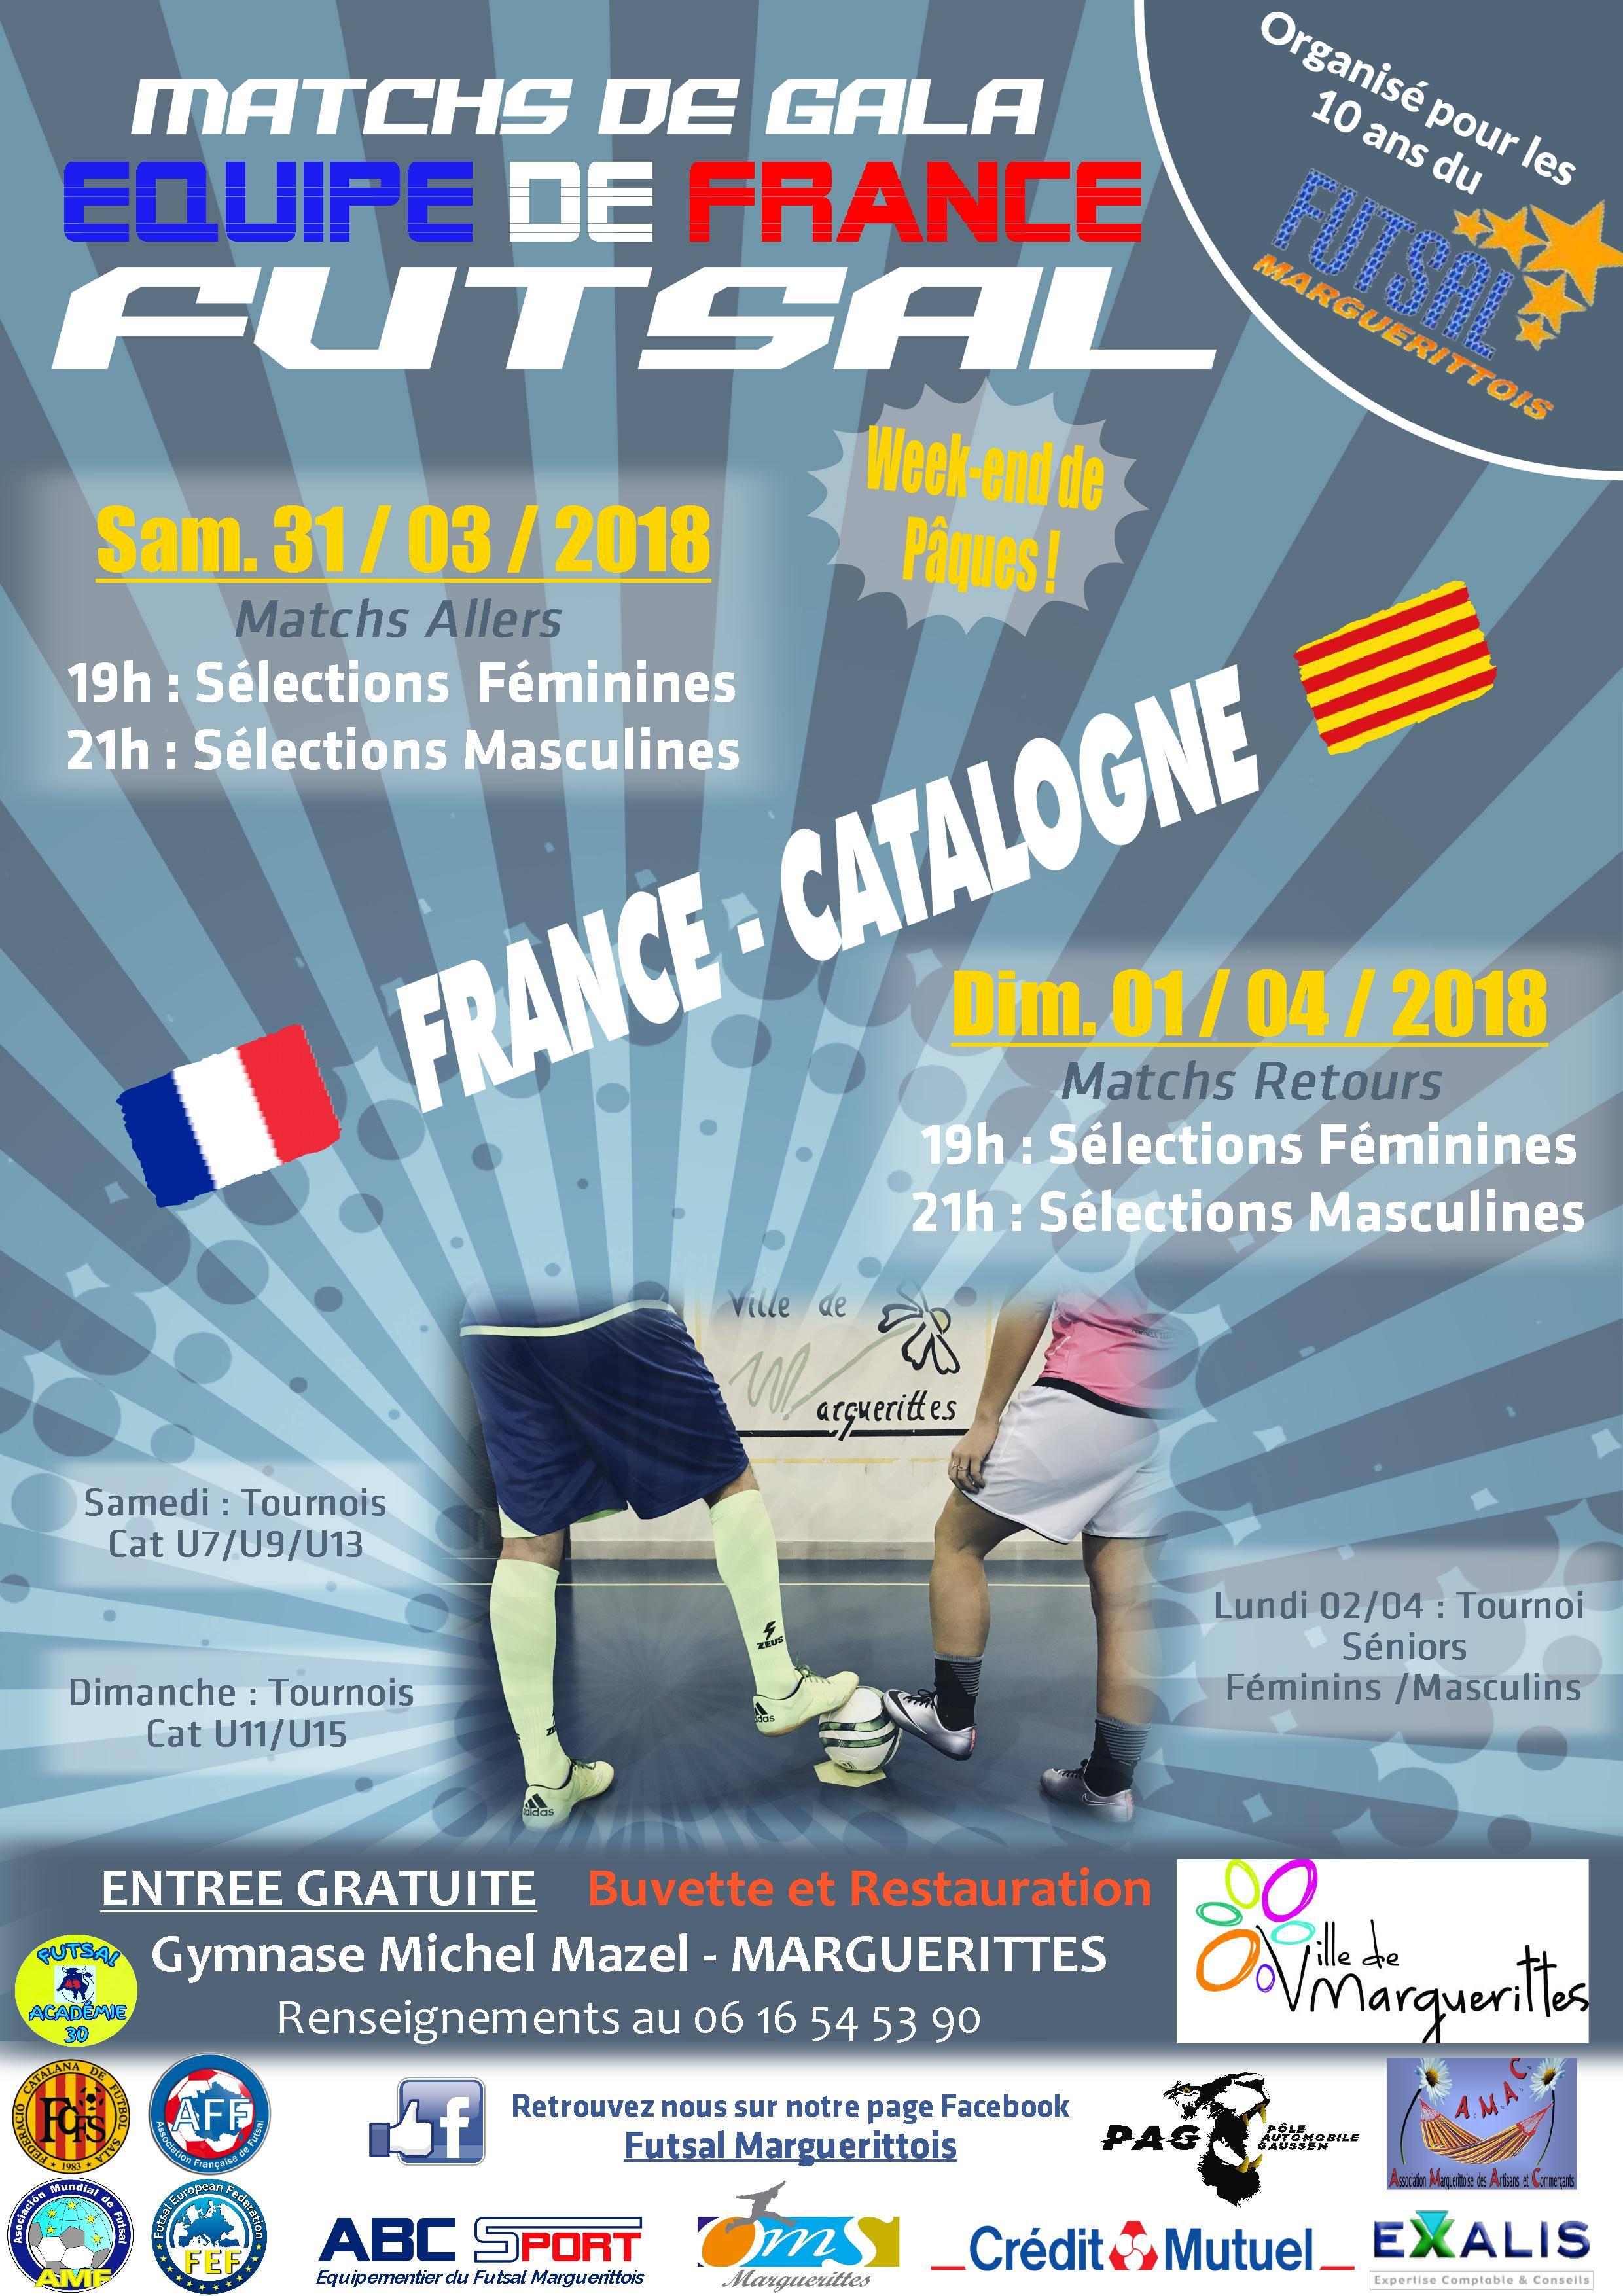 france catalogne j-1 futsal france